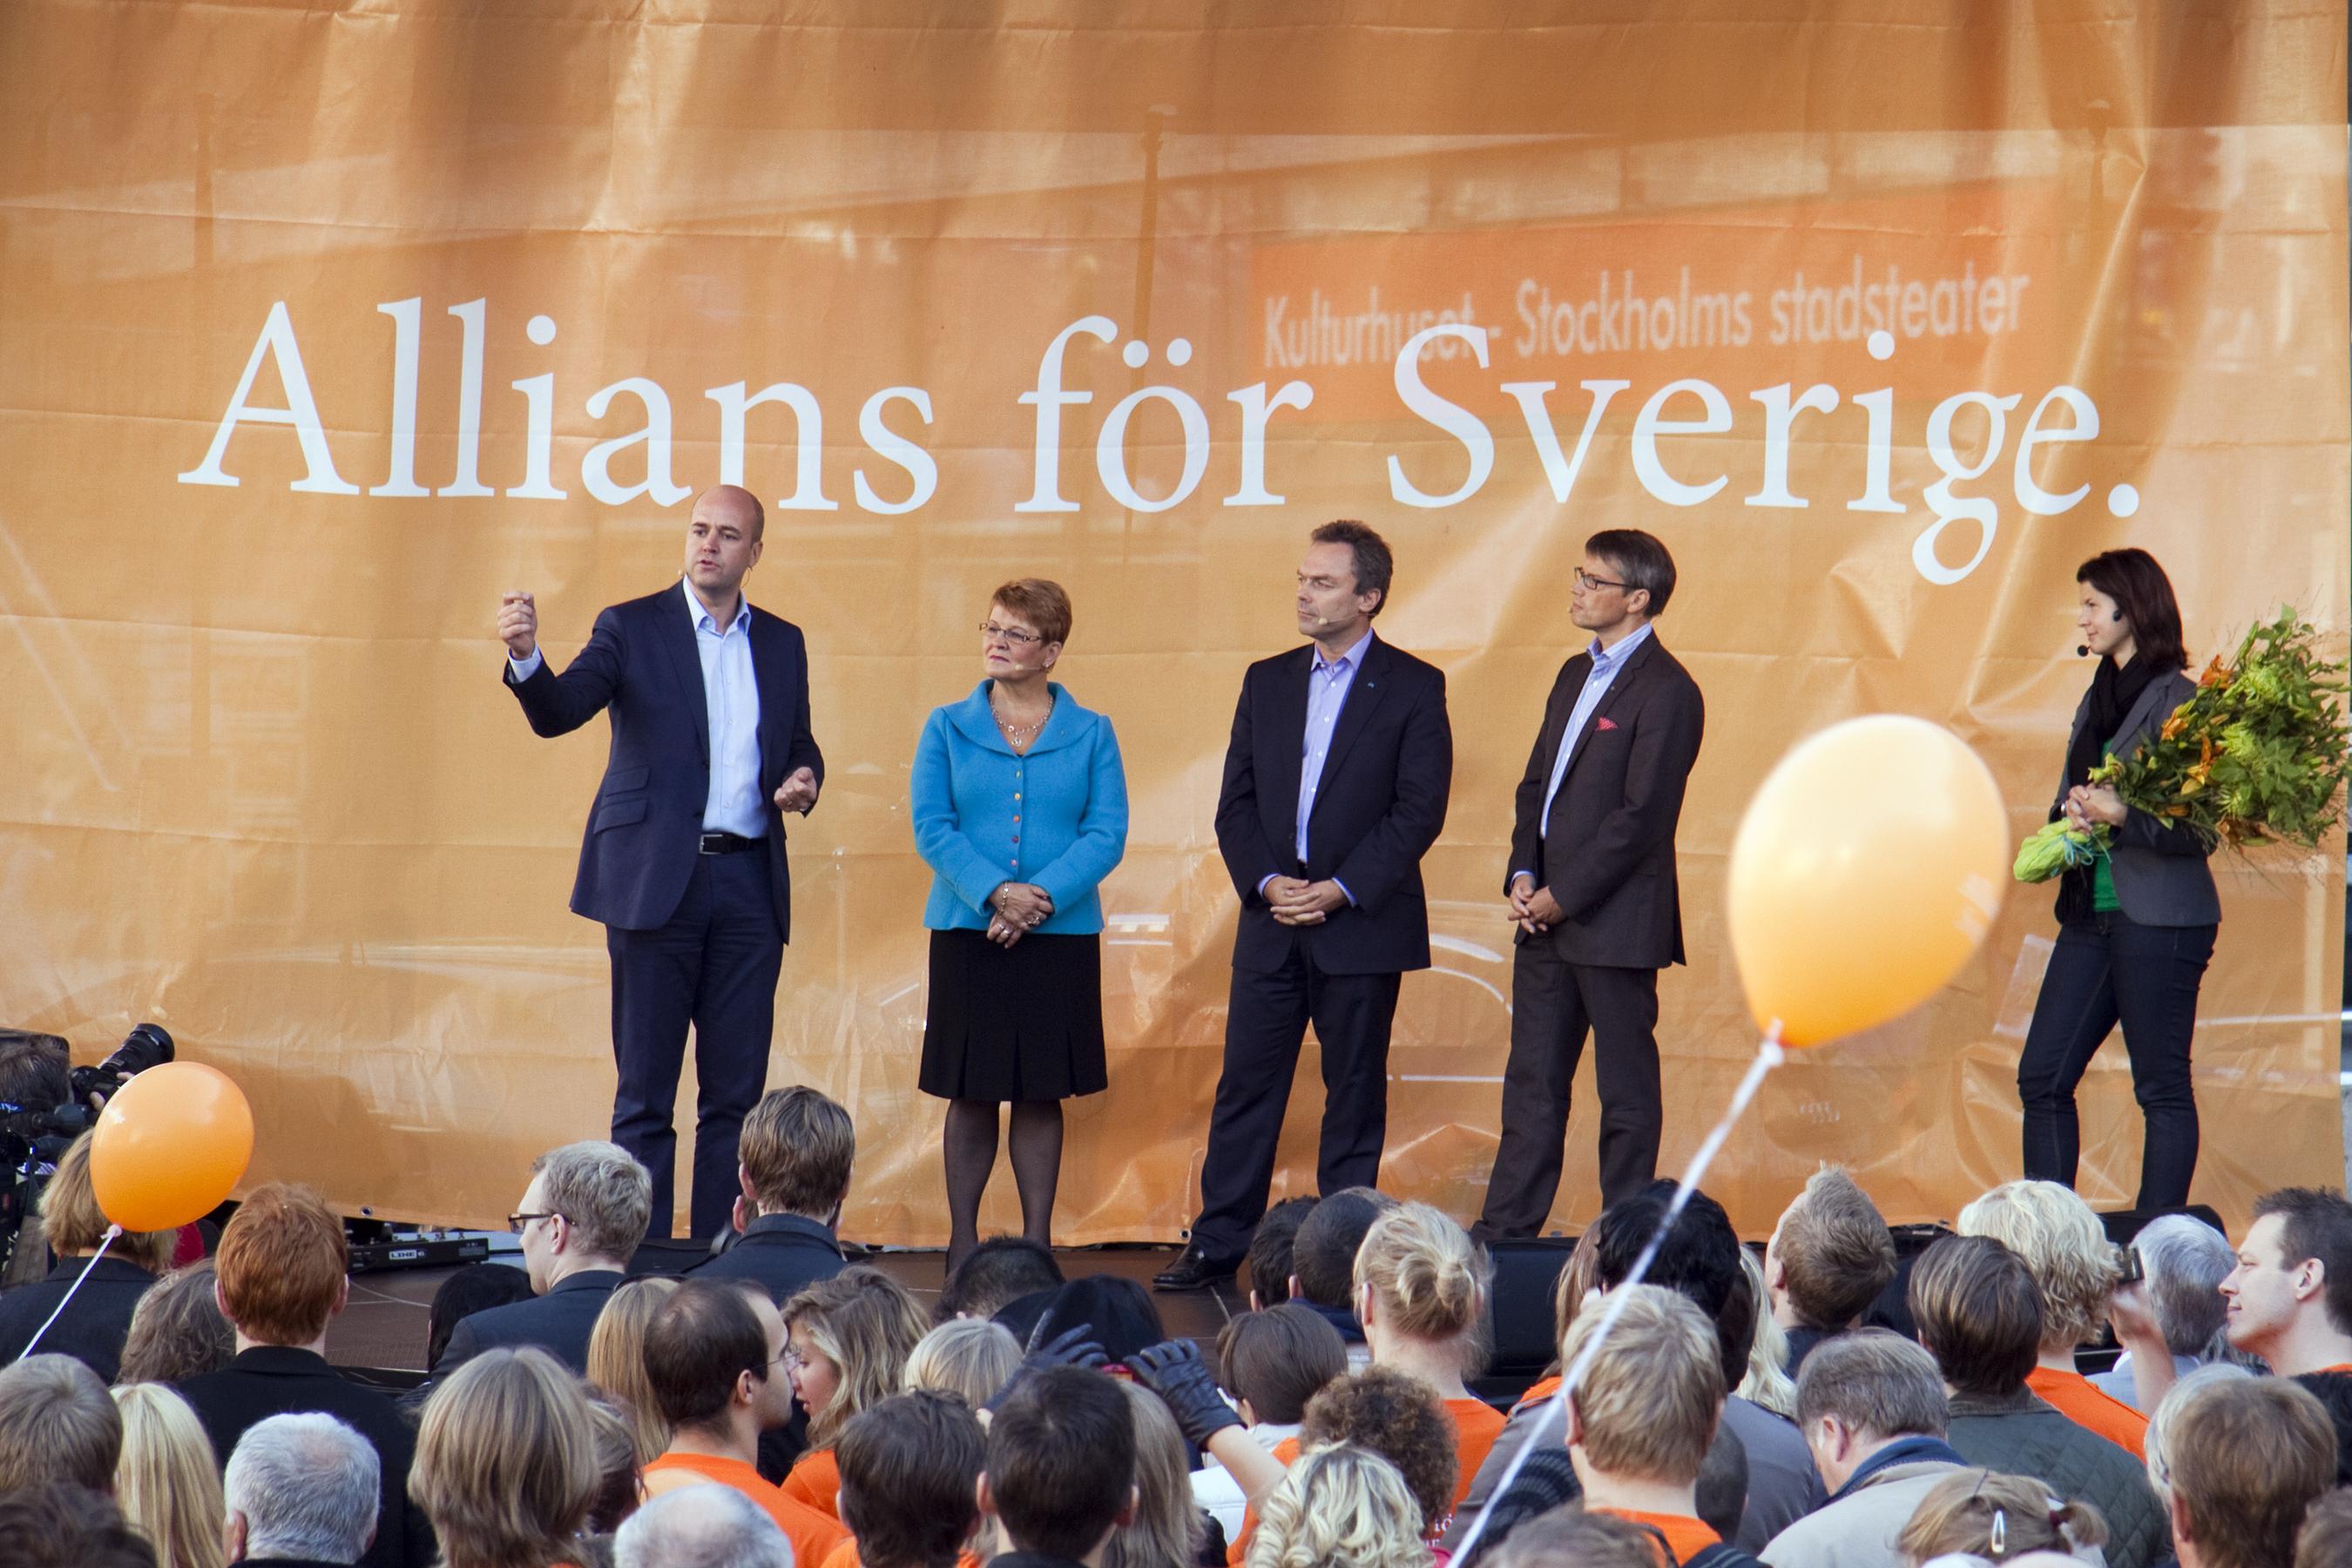 élection suédoise